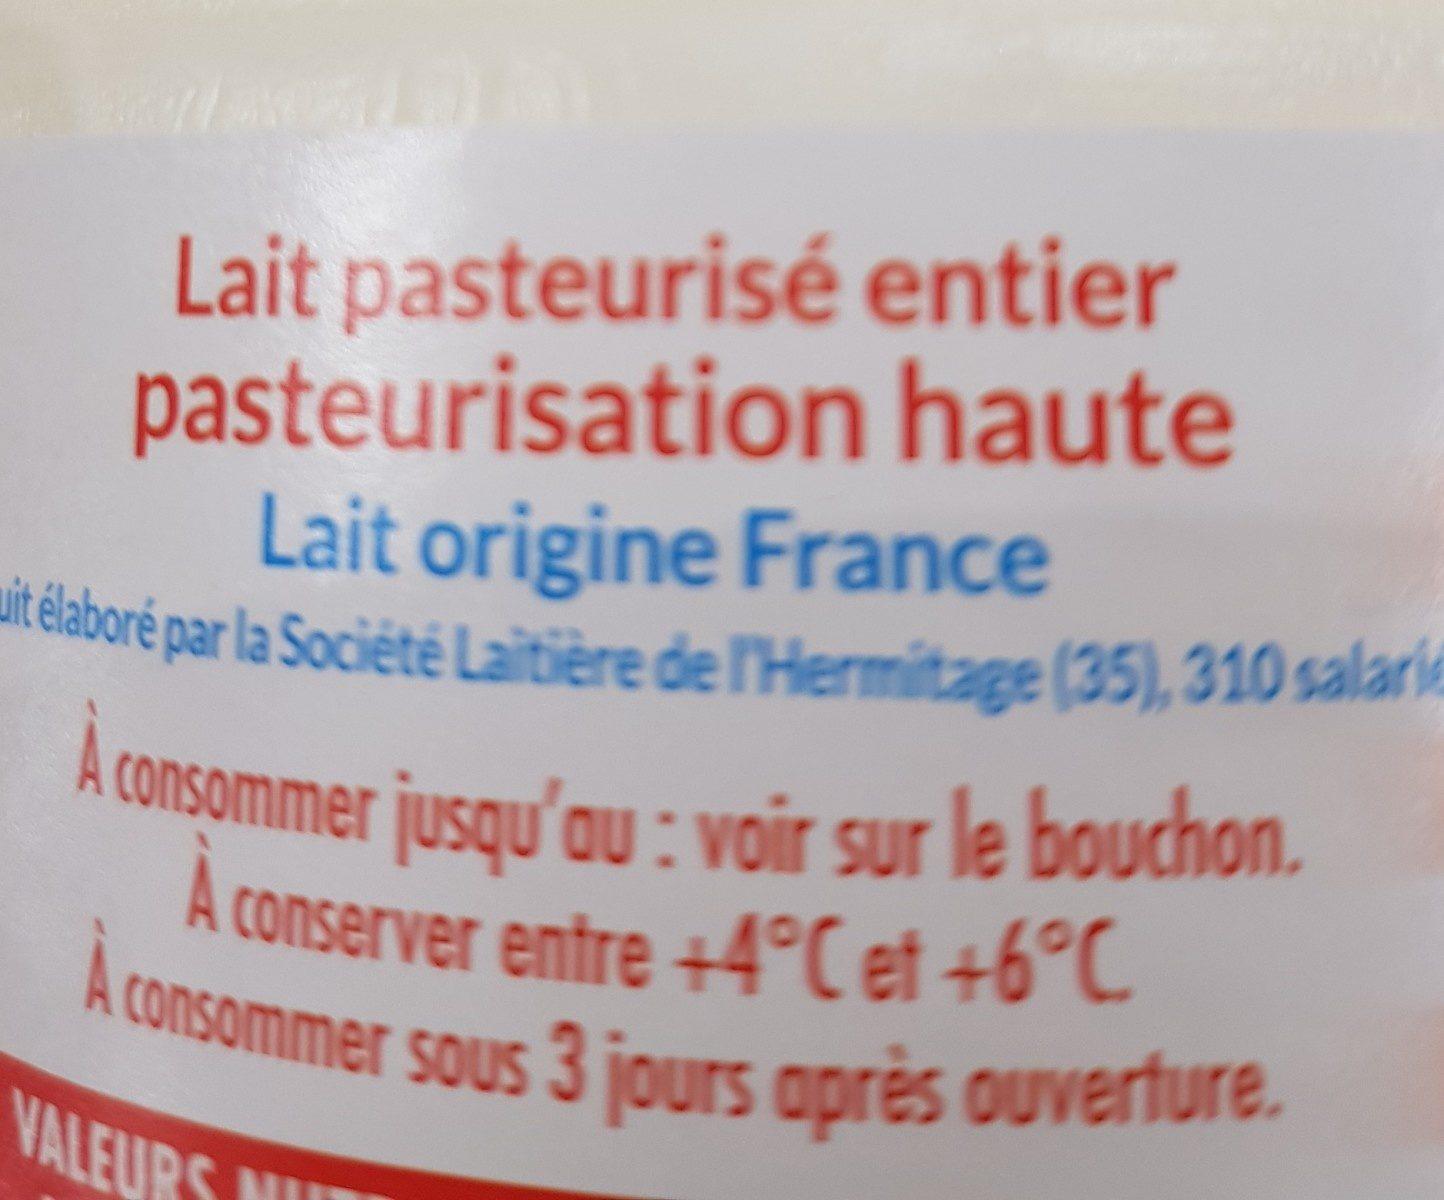 Lait de Bretagne Lait pasteurisé entier - Ingrediënten - fr